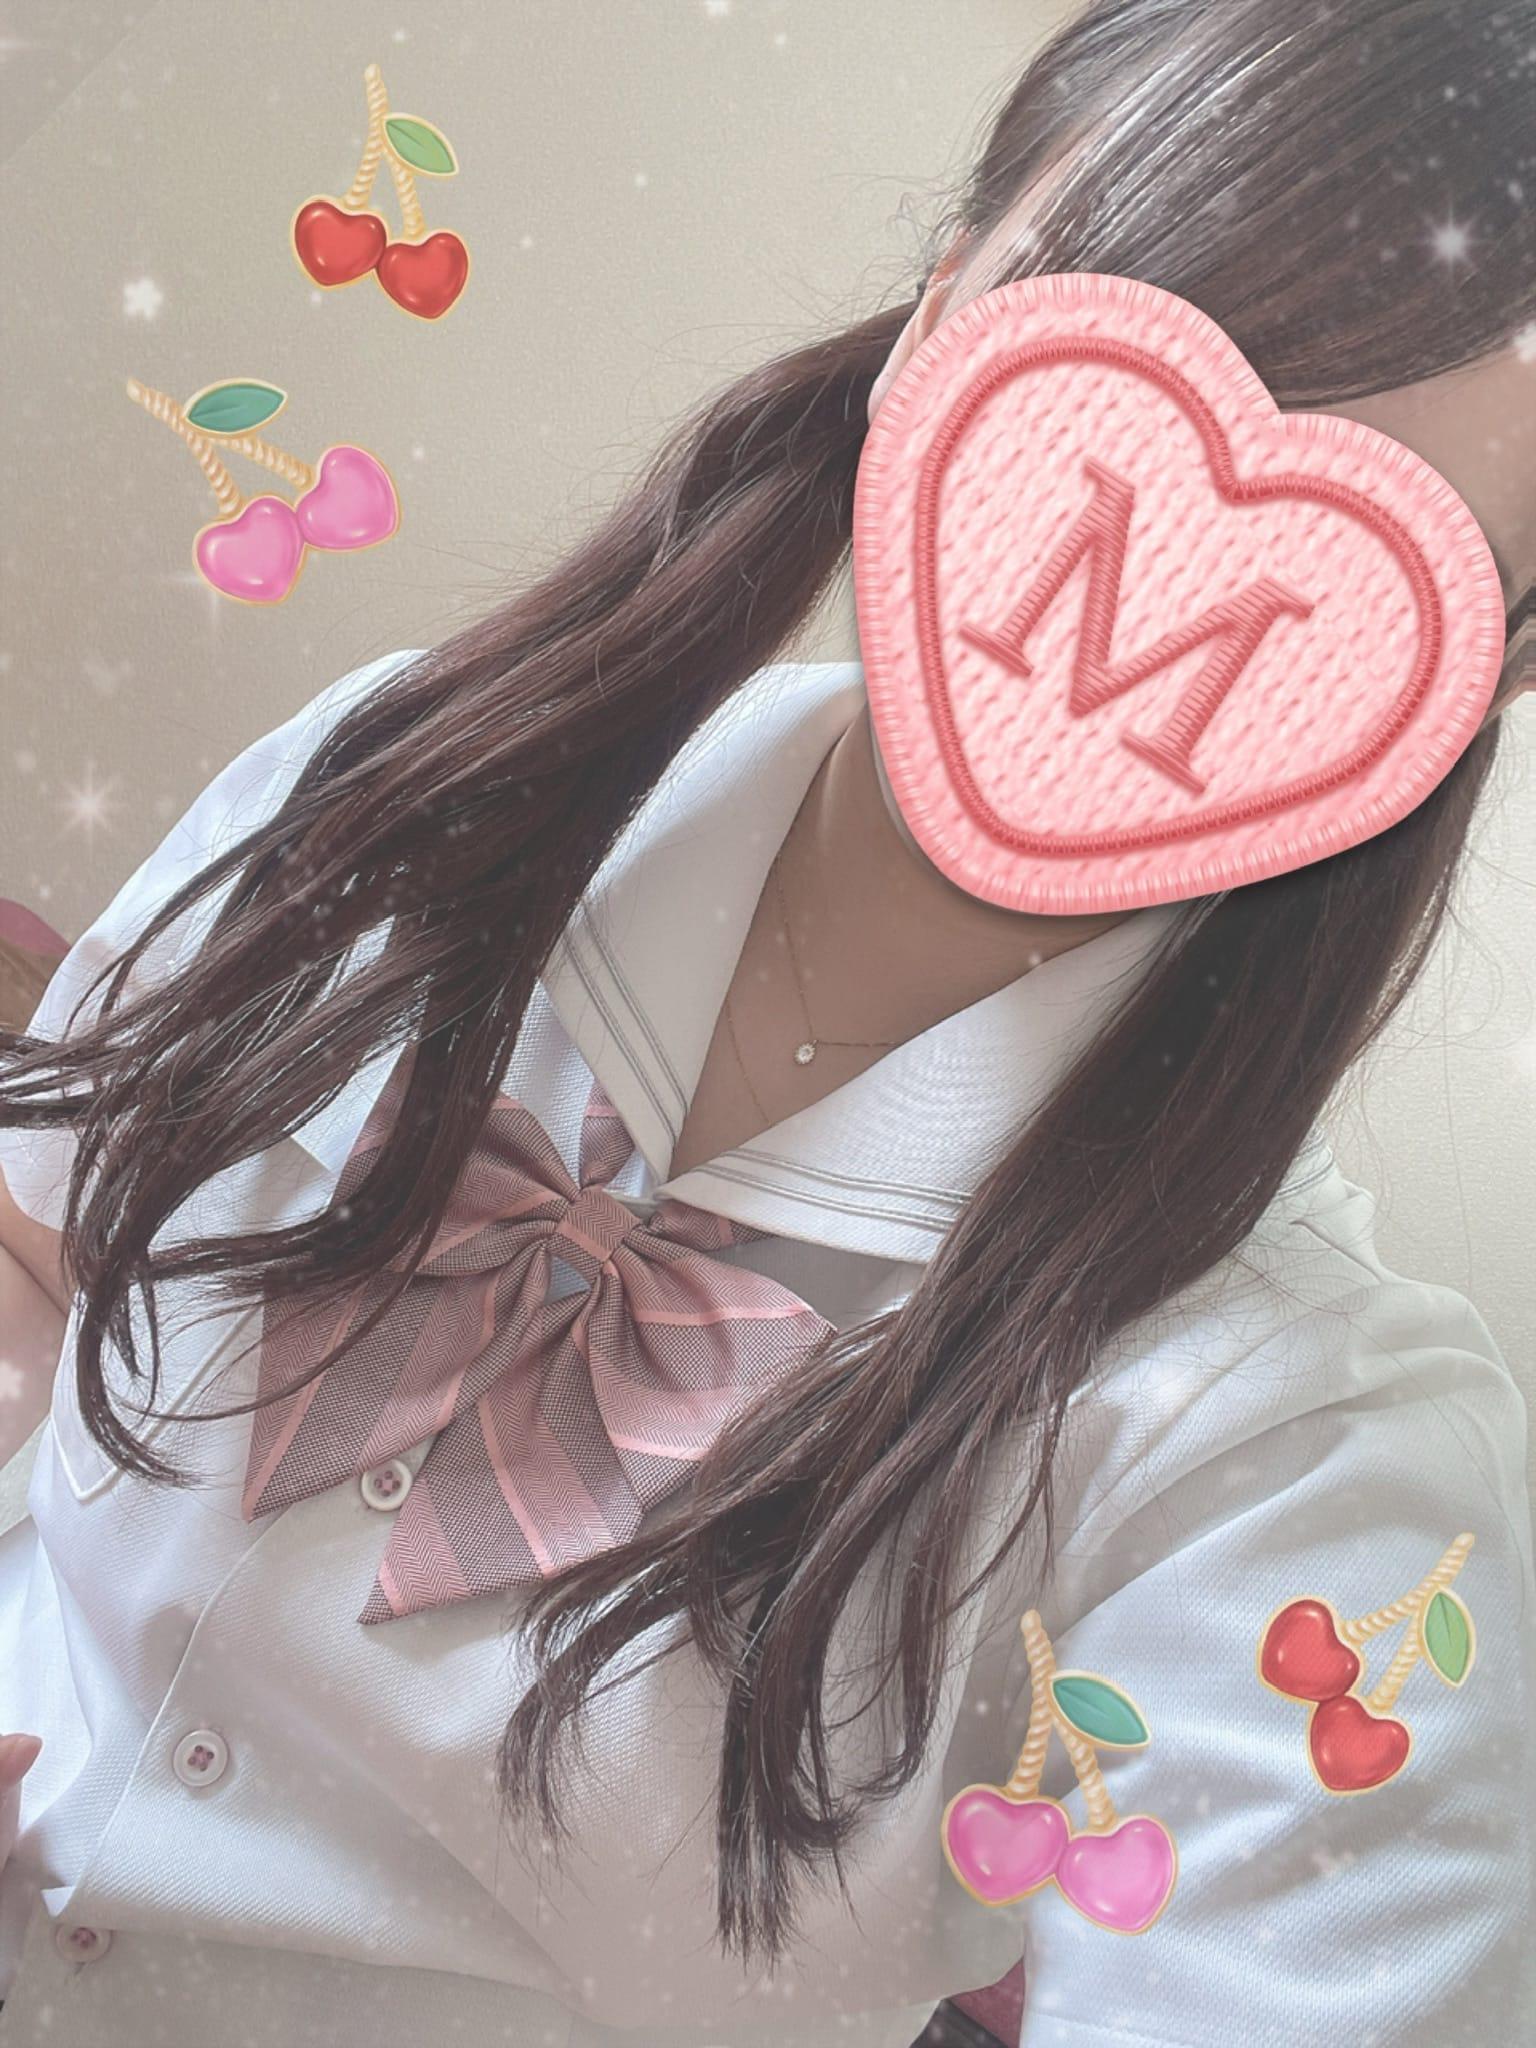 「お昼から♡♡」06/15(06/15) 09:31   モ力ちゃんの写メ